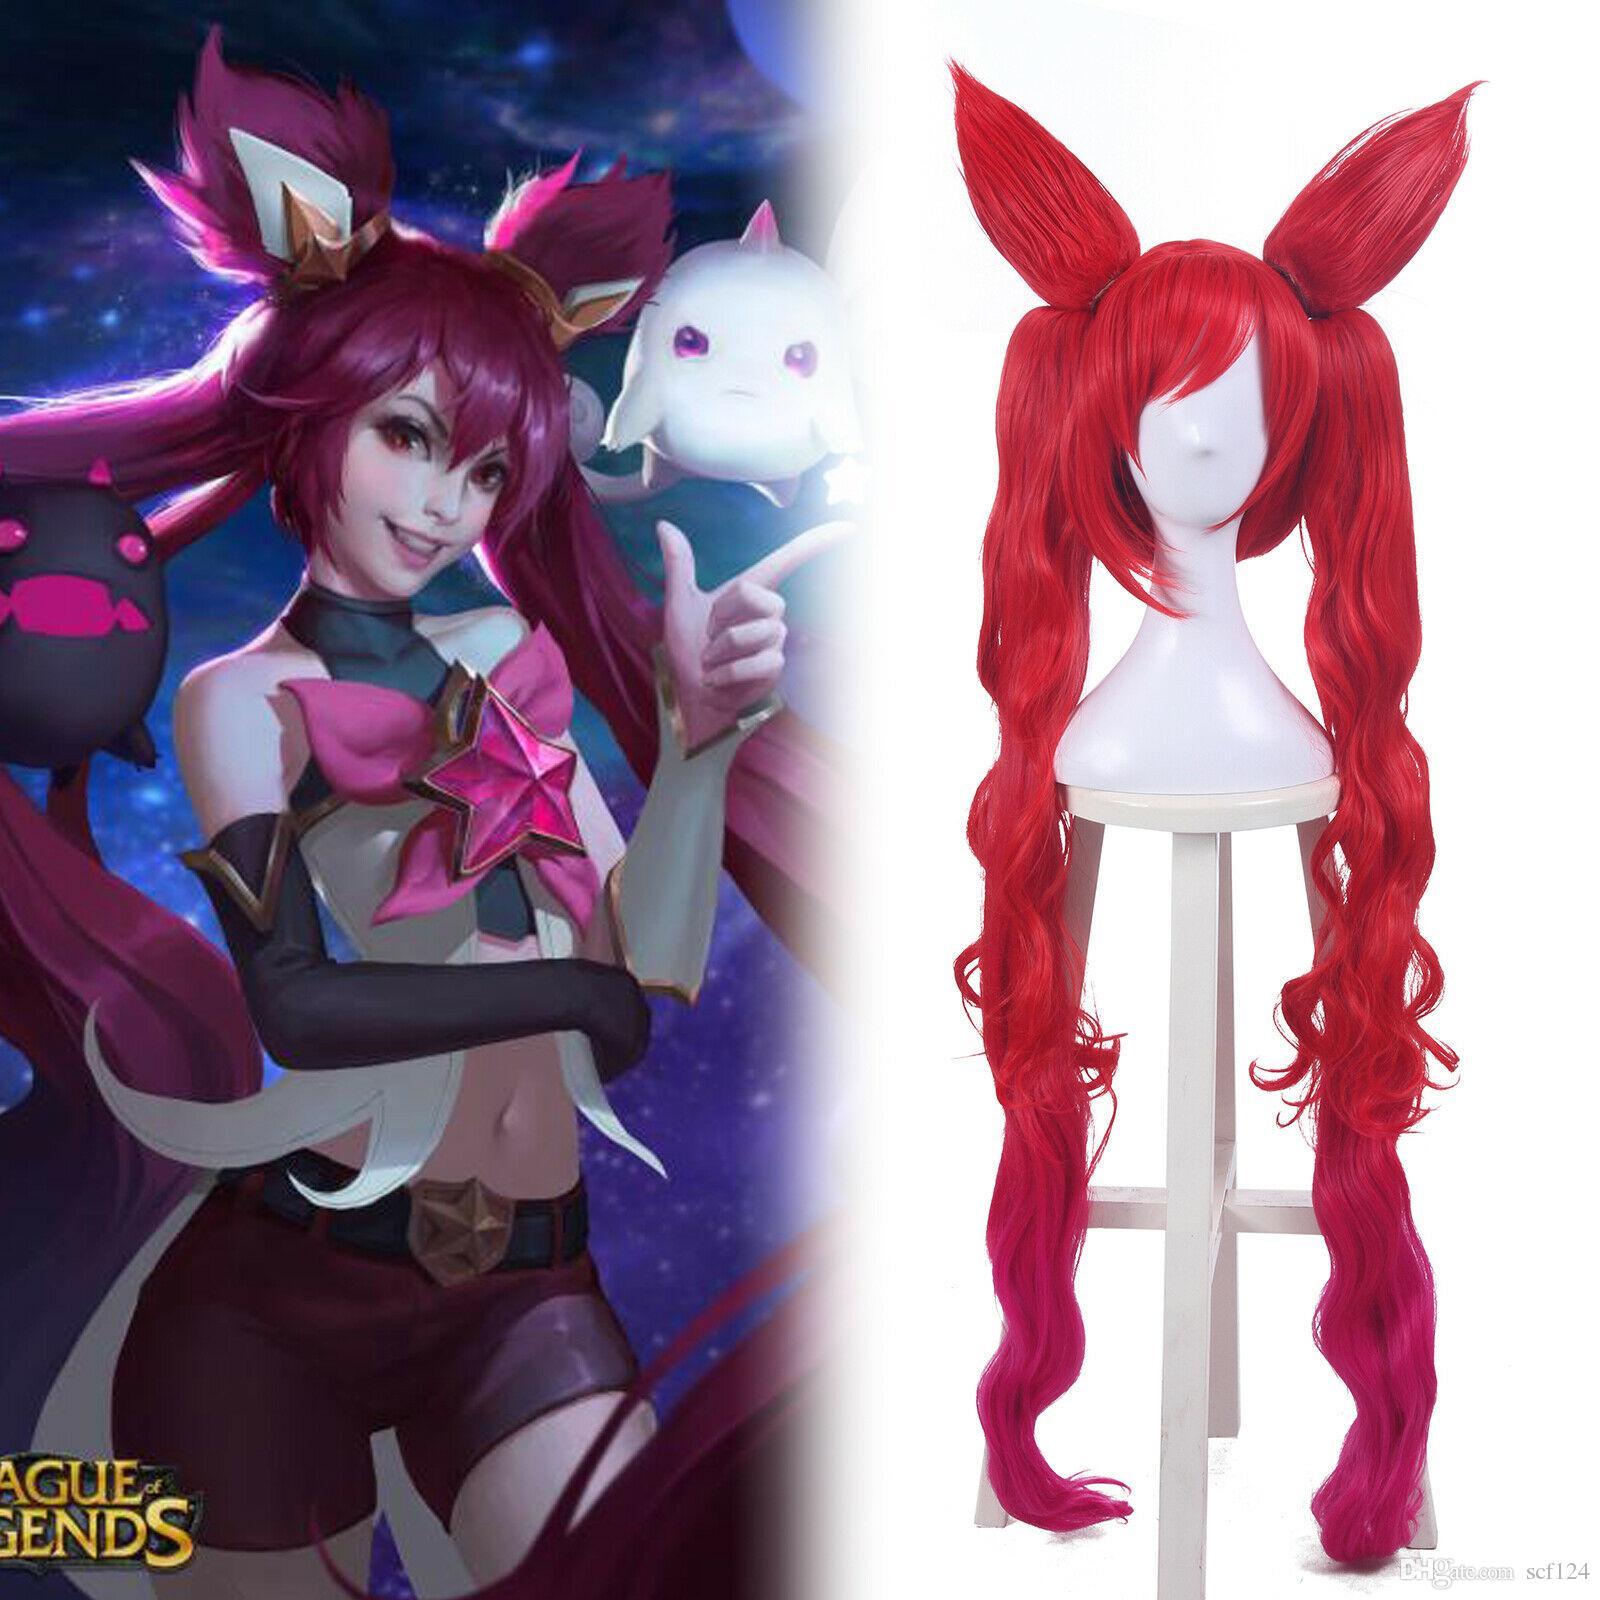 Dettagli sulla LOL Lega delle Cosplay Jinx Legends Stella Rossa Guardiano ondulate lunghe Coda di cavallo Parrucche